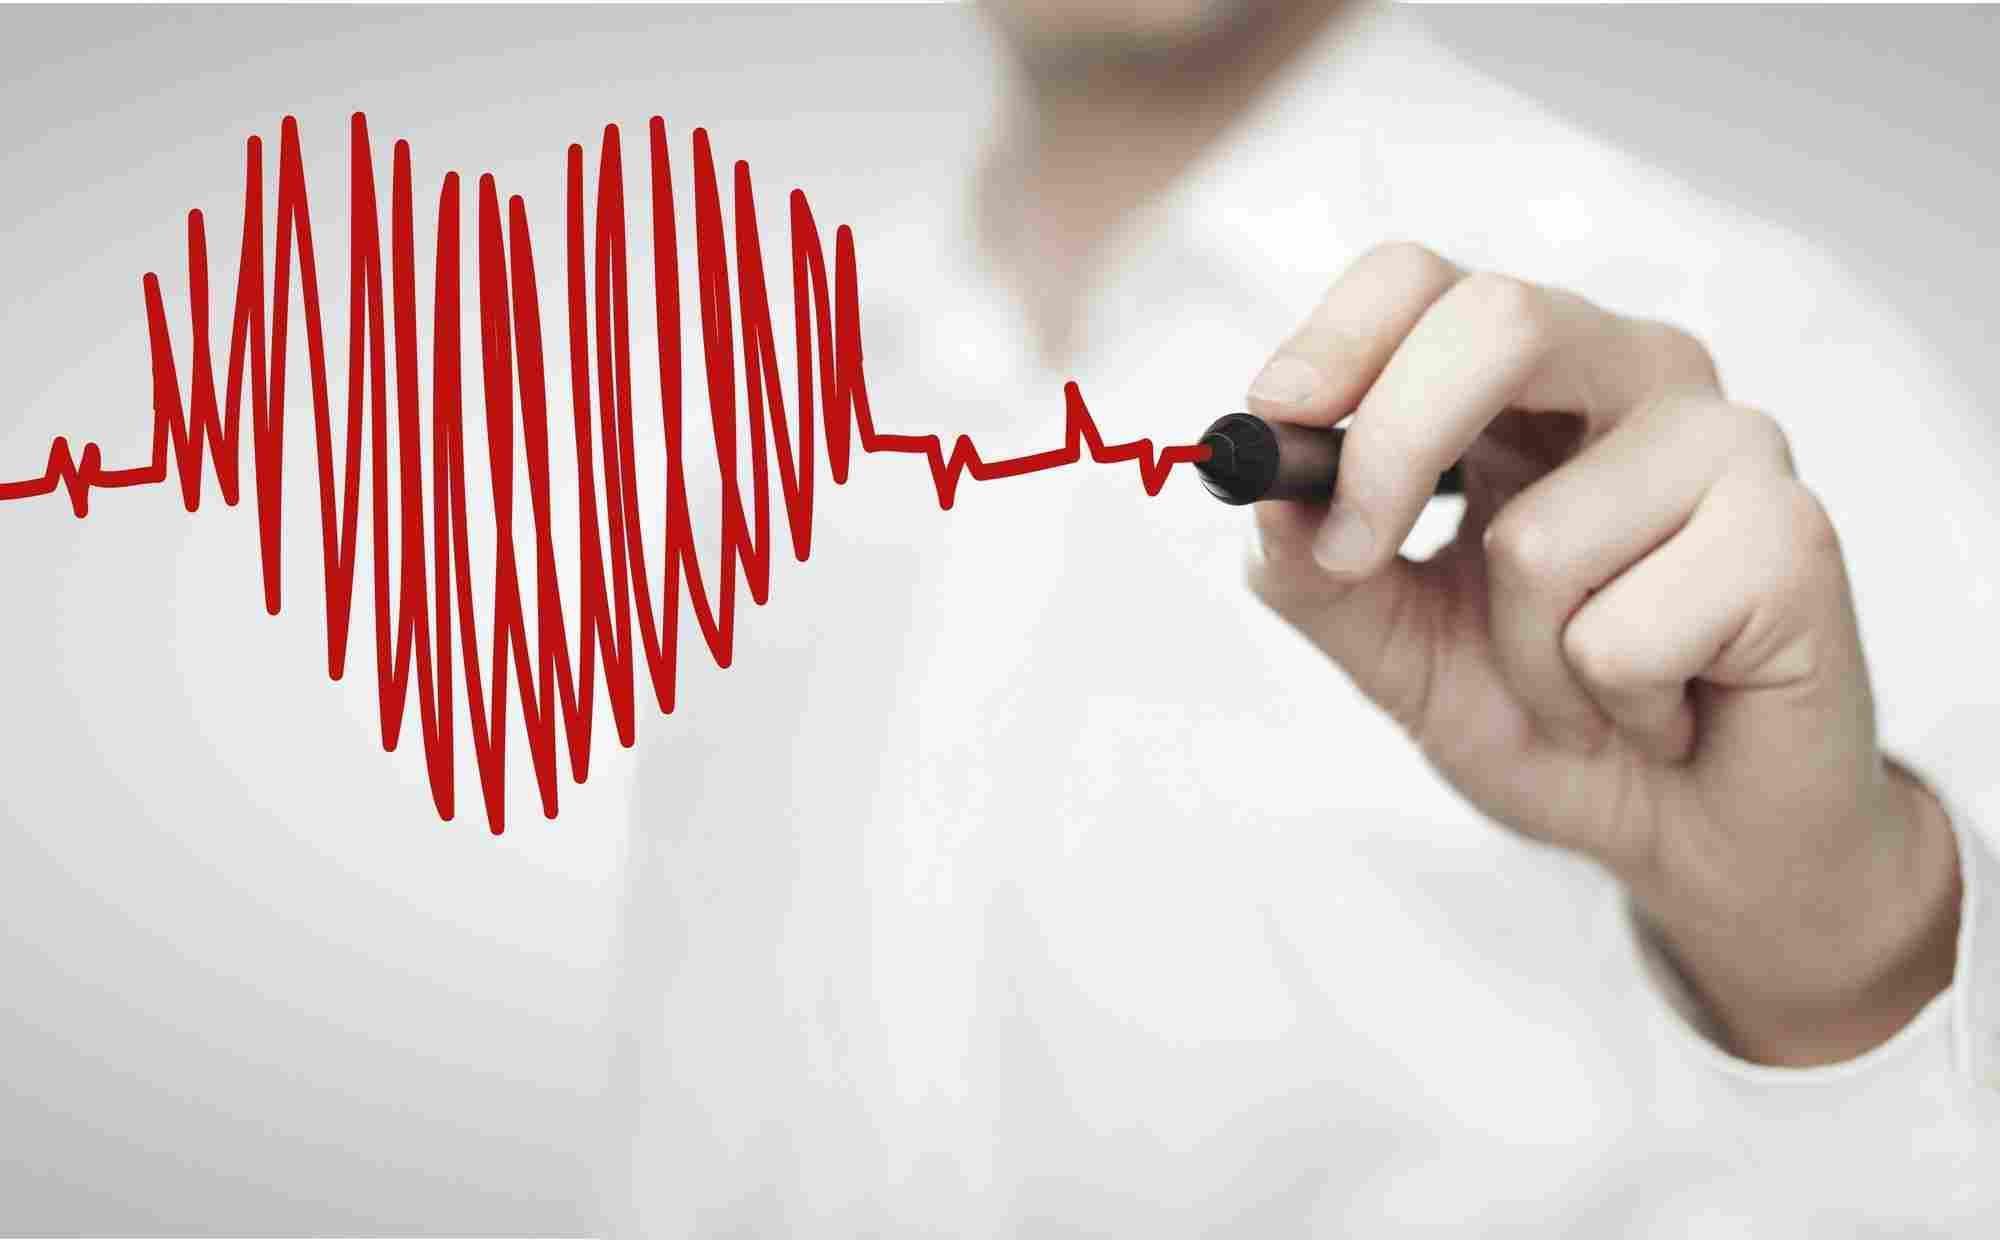 https://kinderarztpraxis-fulda.de/wp-content/uploads/2015/12/heart-health-1.jpg